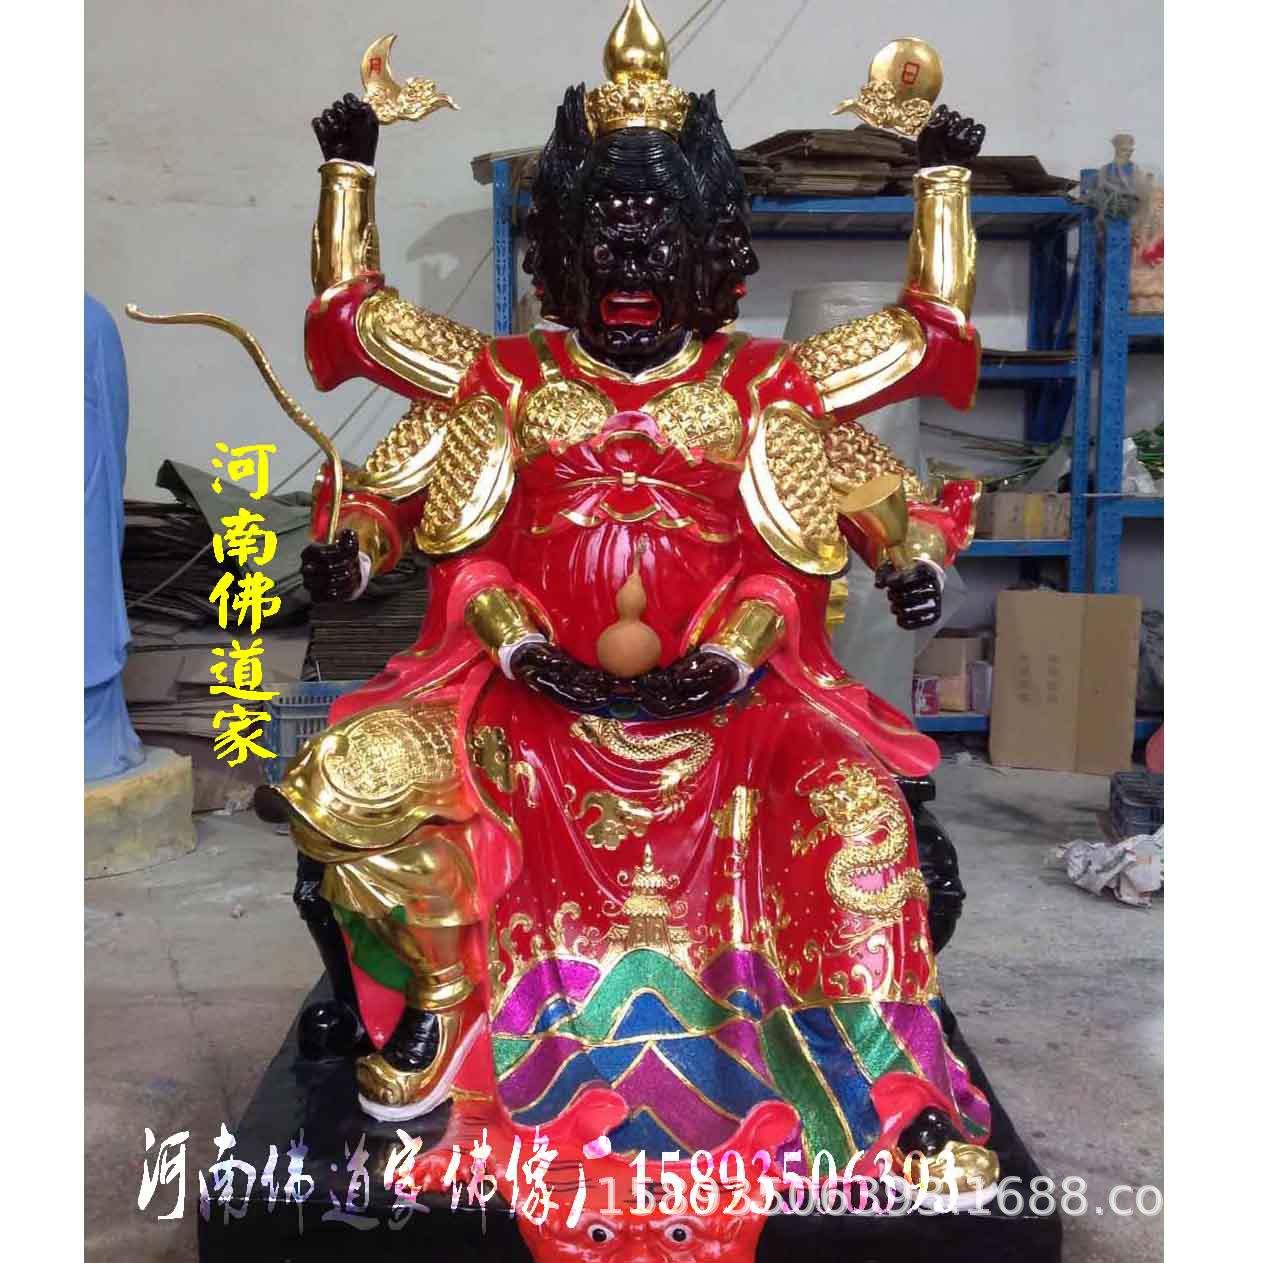 2019新款火神雕塑 火神祝融保平安 火神爷佛像价格 1.6米火神示例图5